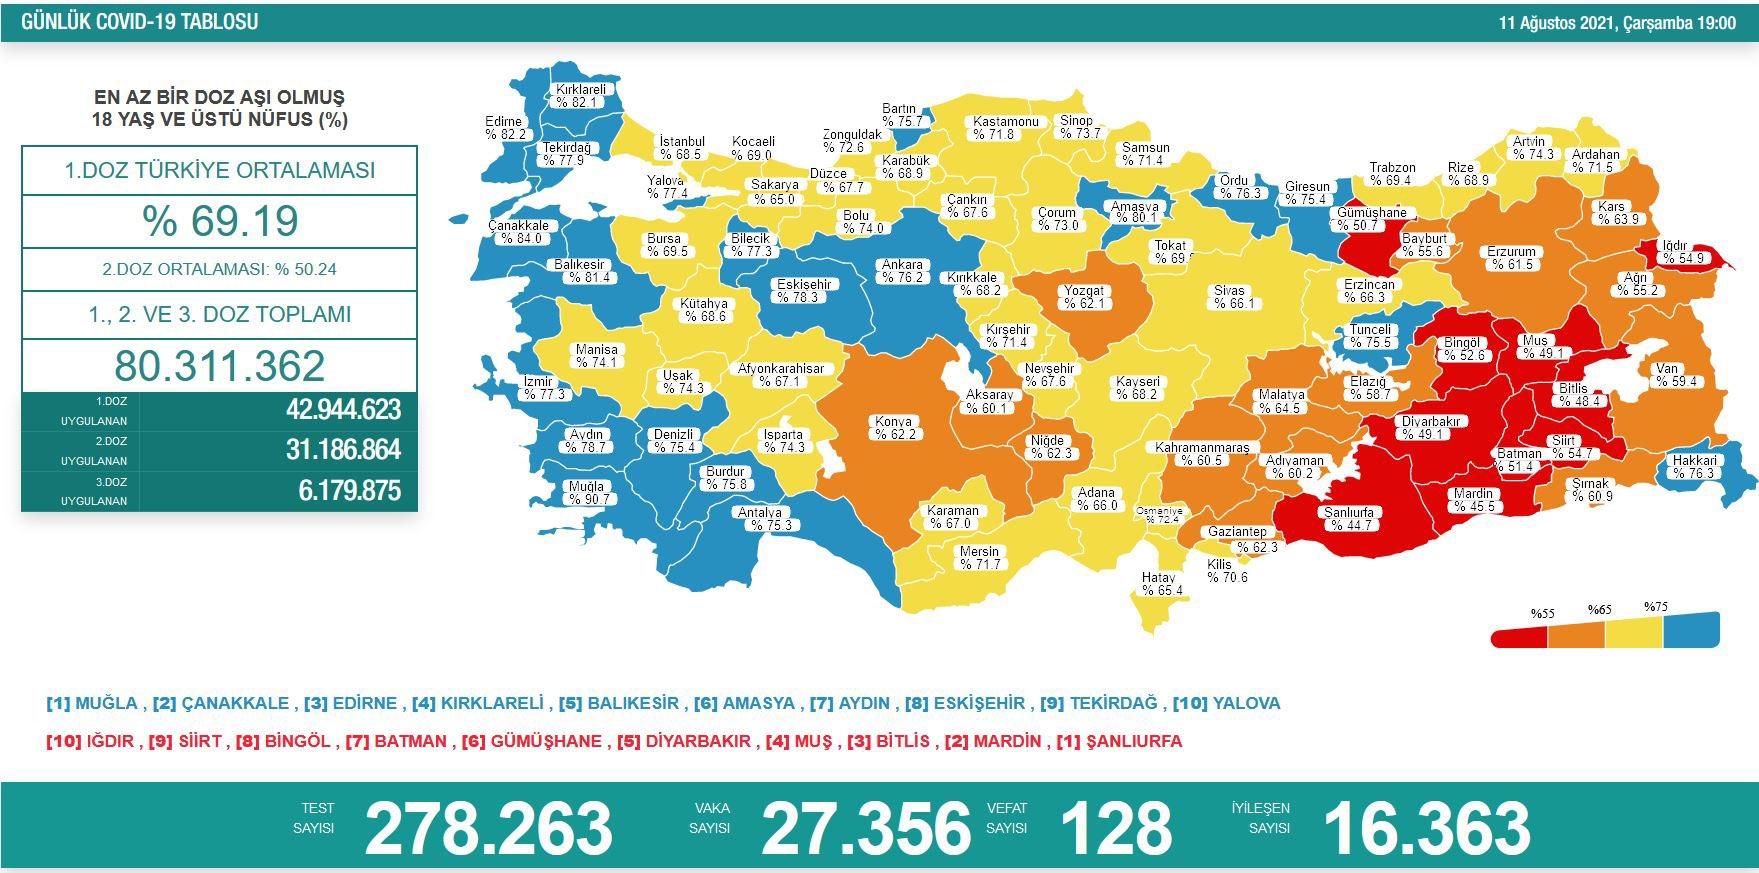 11 Ağustos 2021 Türkiye Koronavirüs Tablosu Açıkladı